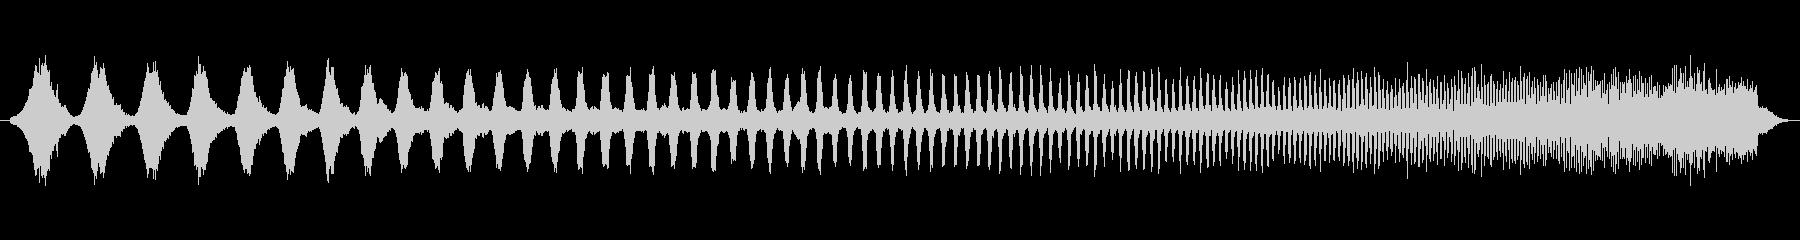 上昇 ダブステップウォブルハイ01の未再生の波形